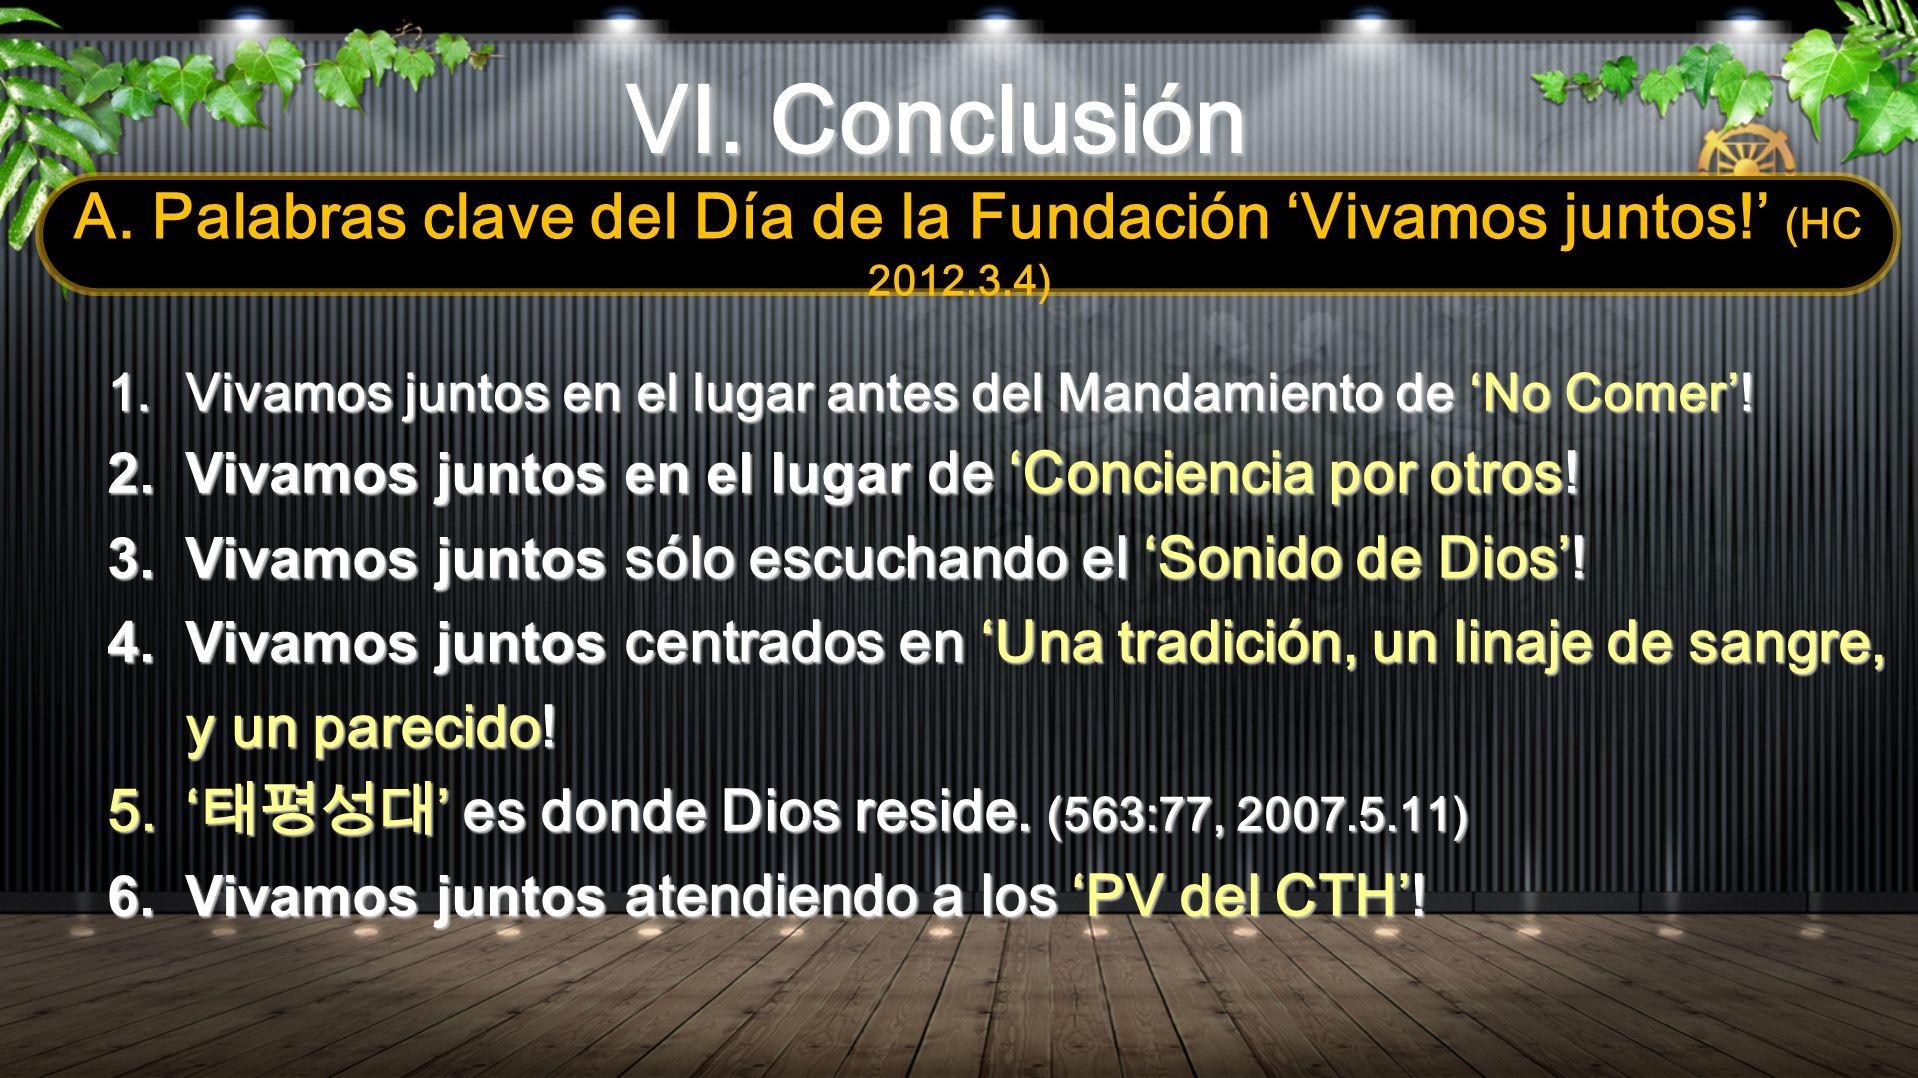 VI. ConclusiónA. Palabras clave del Día de la Fundación 'Vivamos juntos!' (HC 2012.3.4)